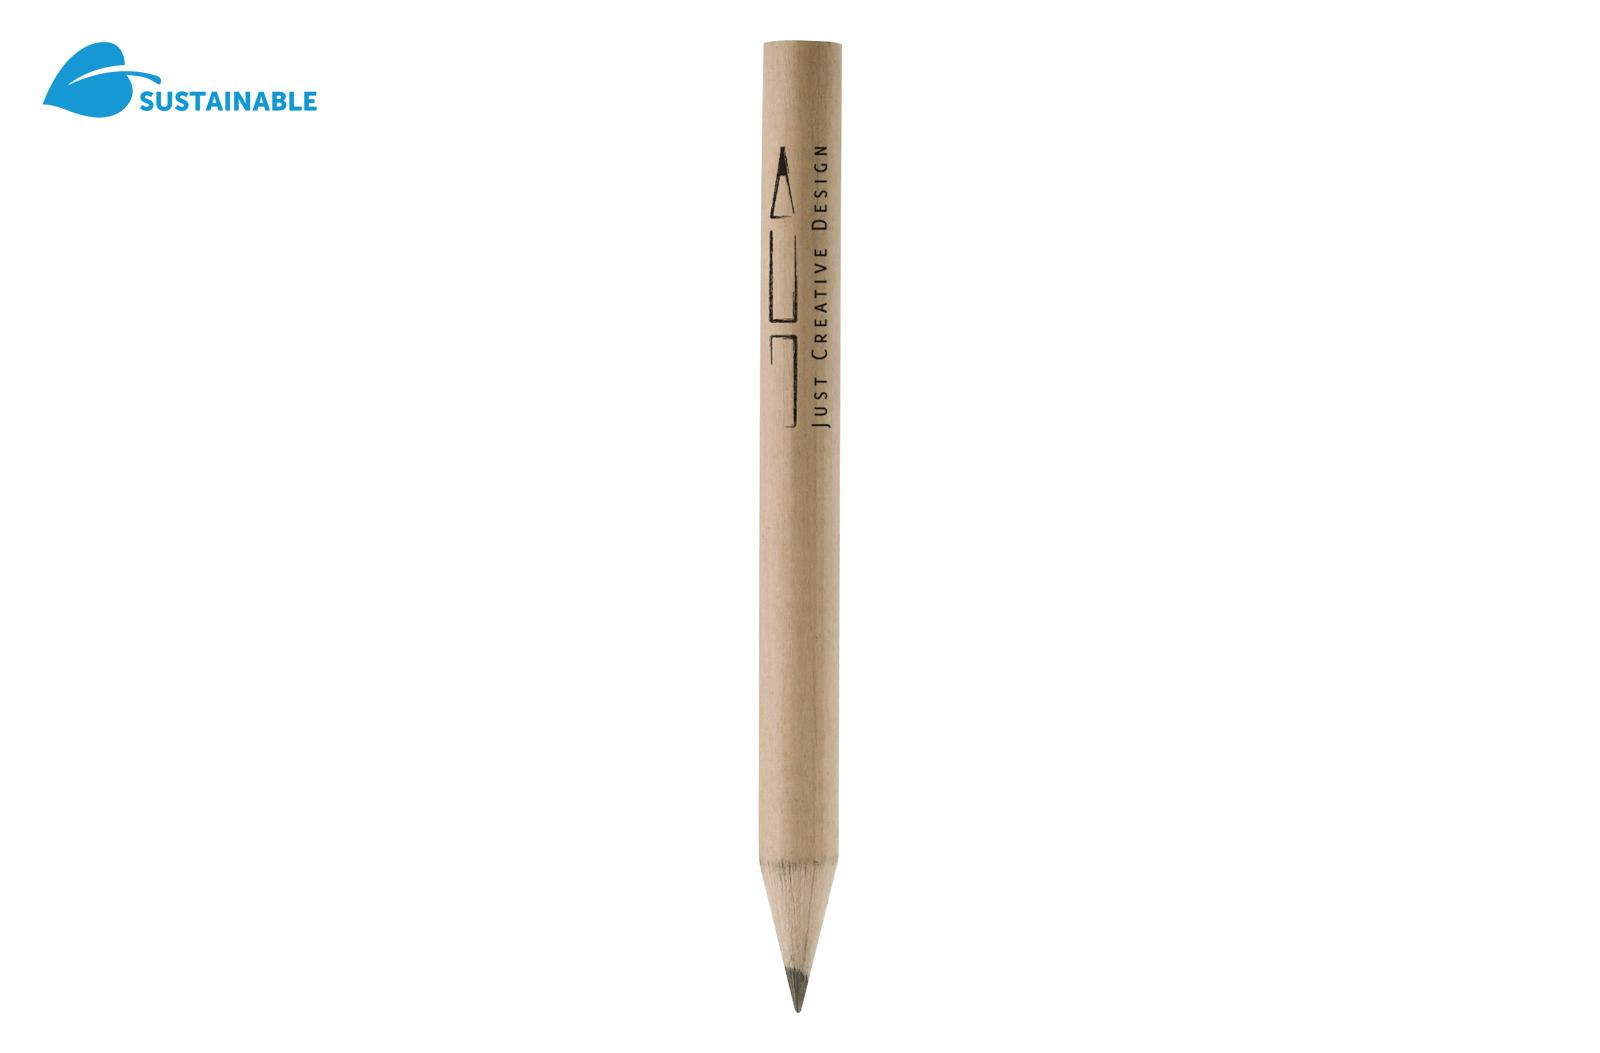 Klein potloodje. Vervaardigd van gecertificeerd FSC-hout.